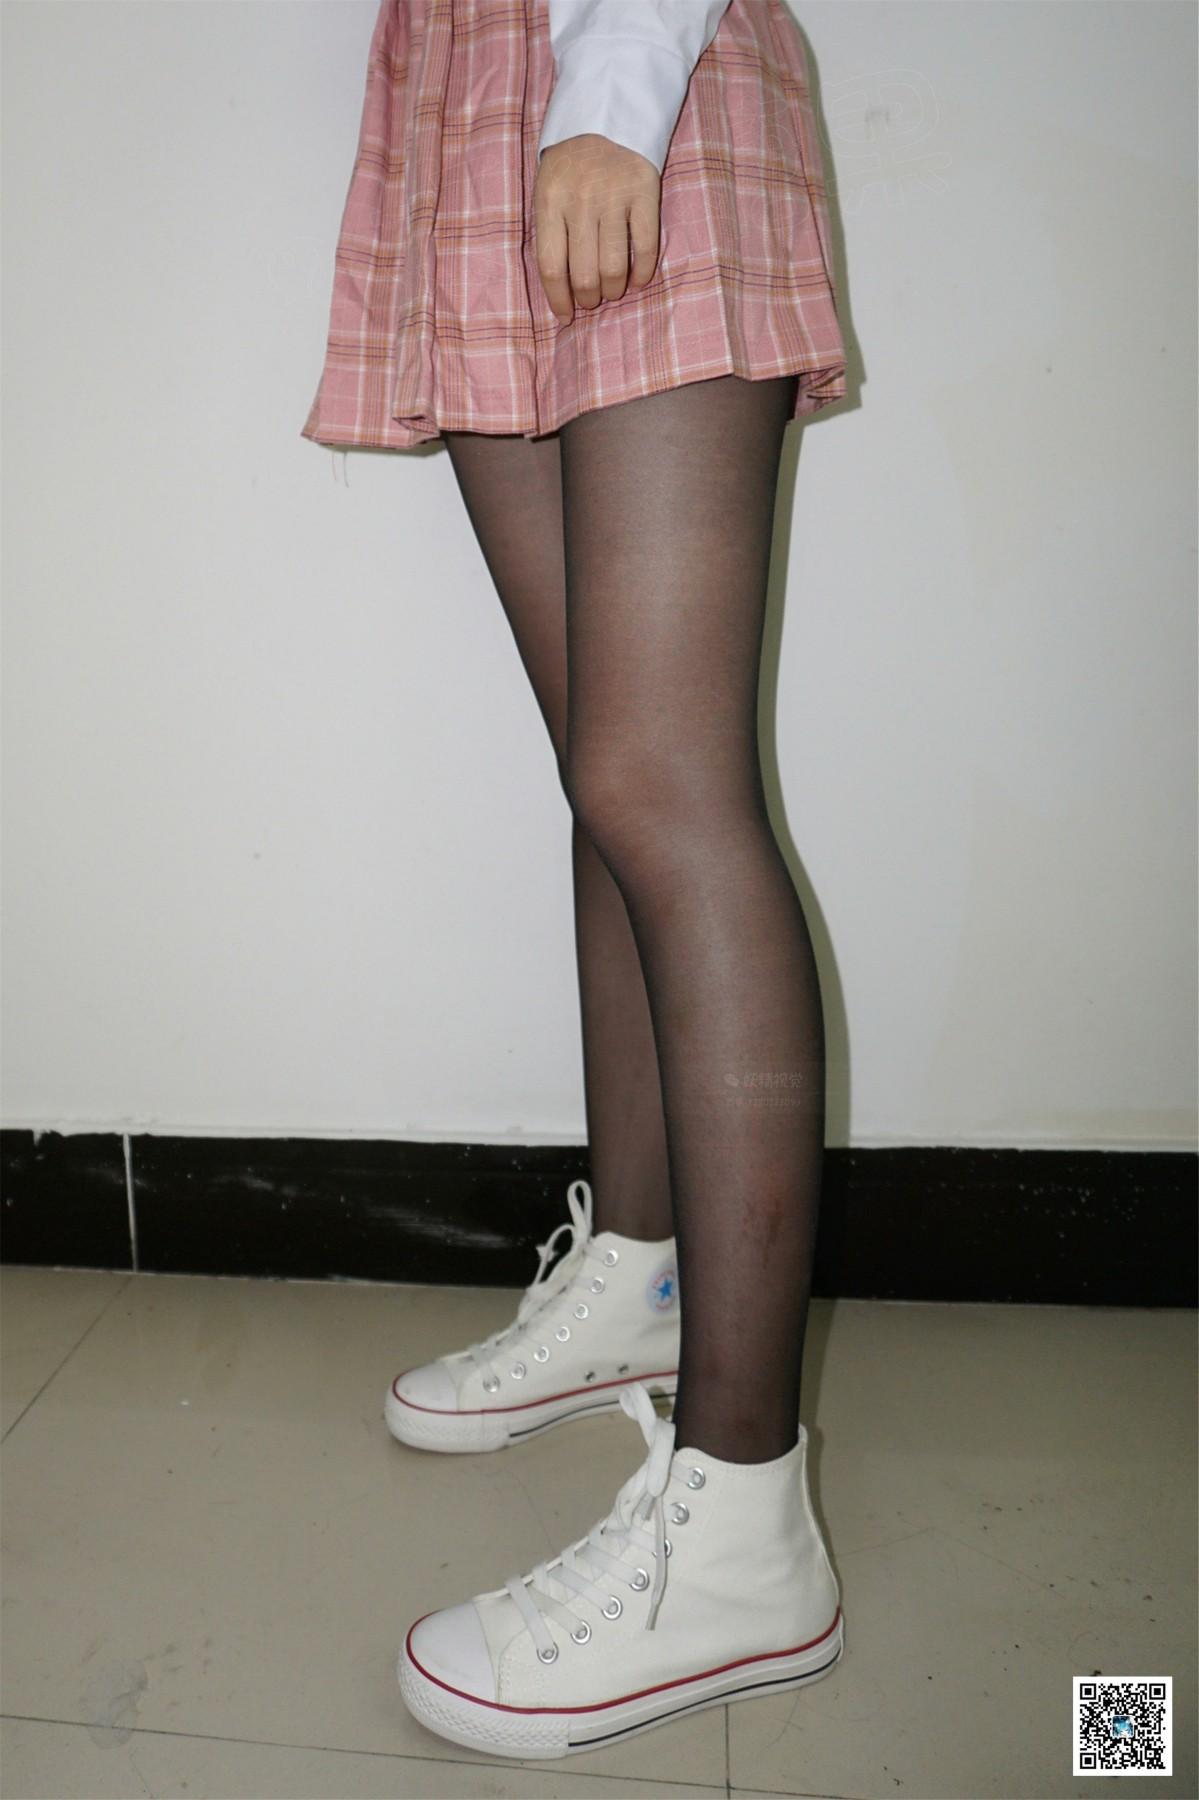 [妖精视觉]小璇 超薄比基尼连裤袜[68P] 妖精视觉 第4张